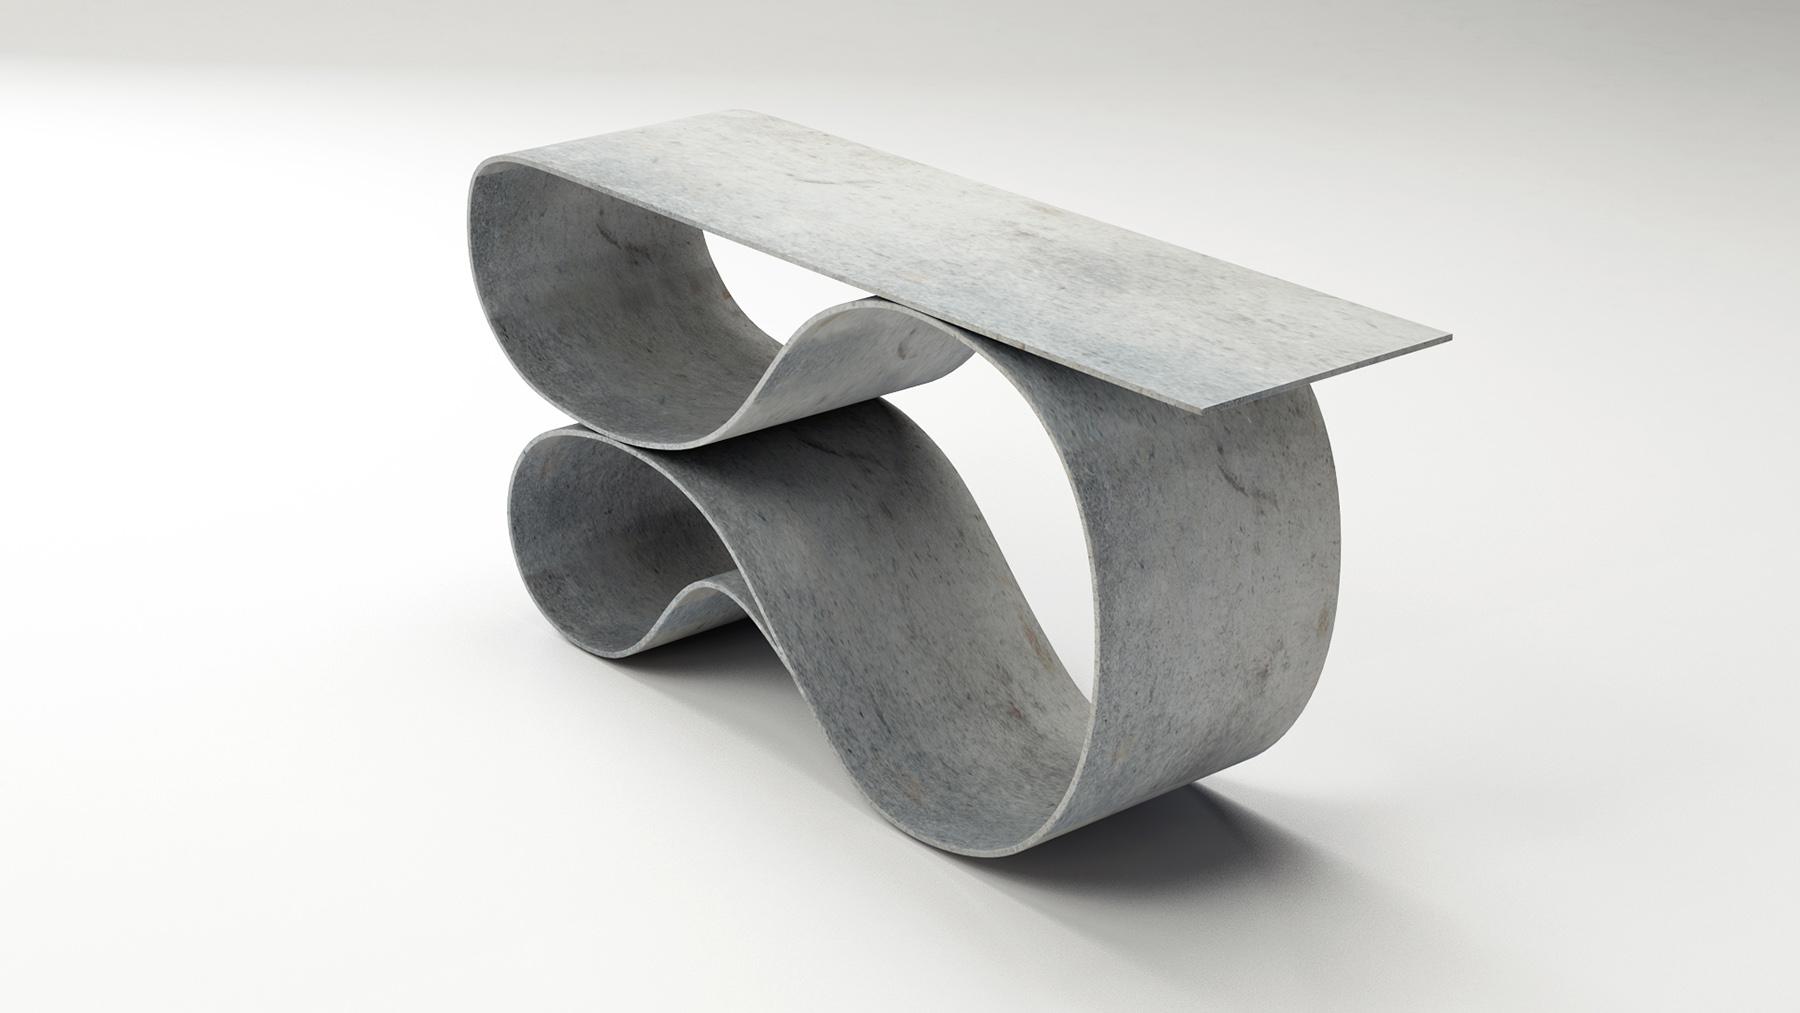 ignant-design-neal-aronowitz-concrete-canvas-series-12.jpg